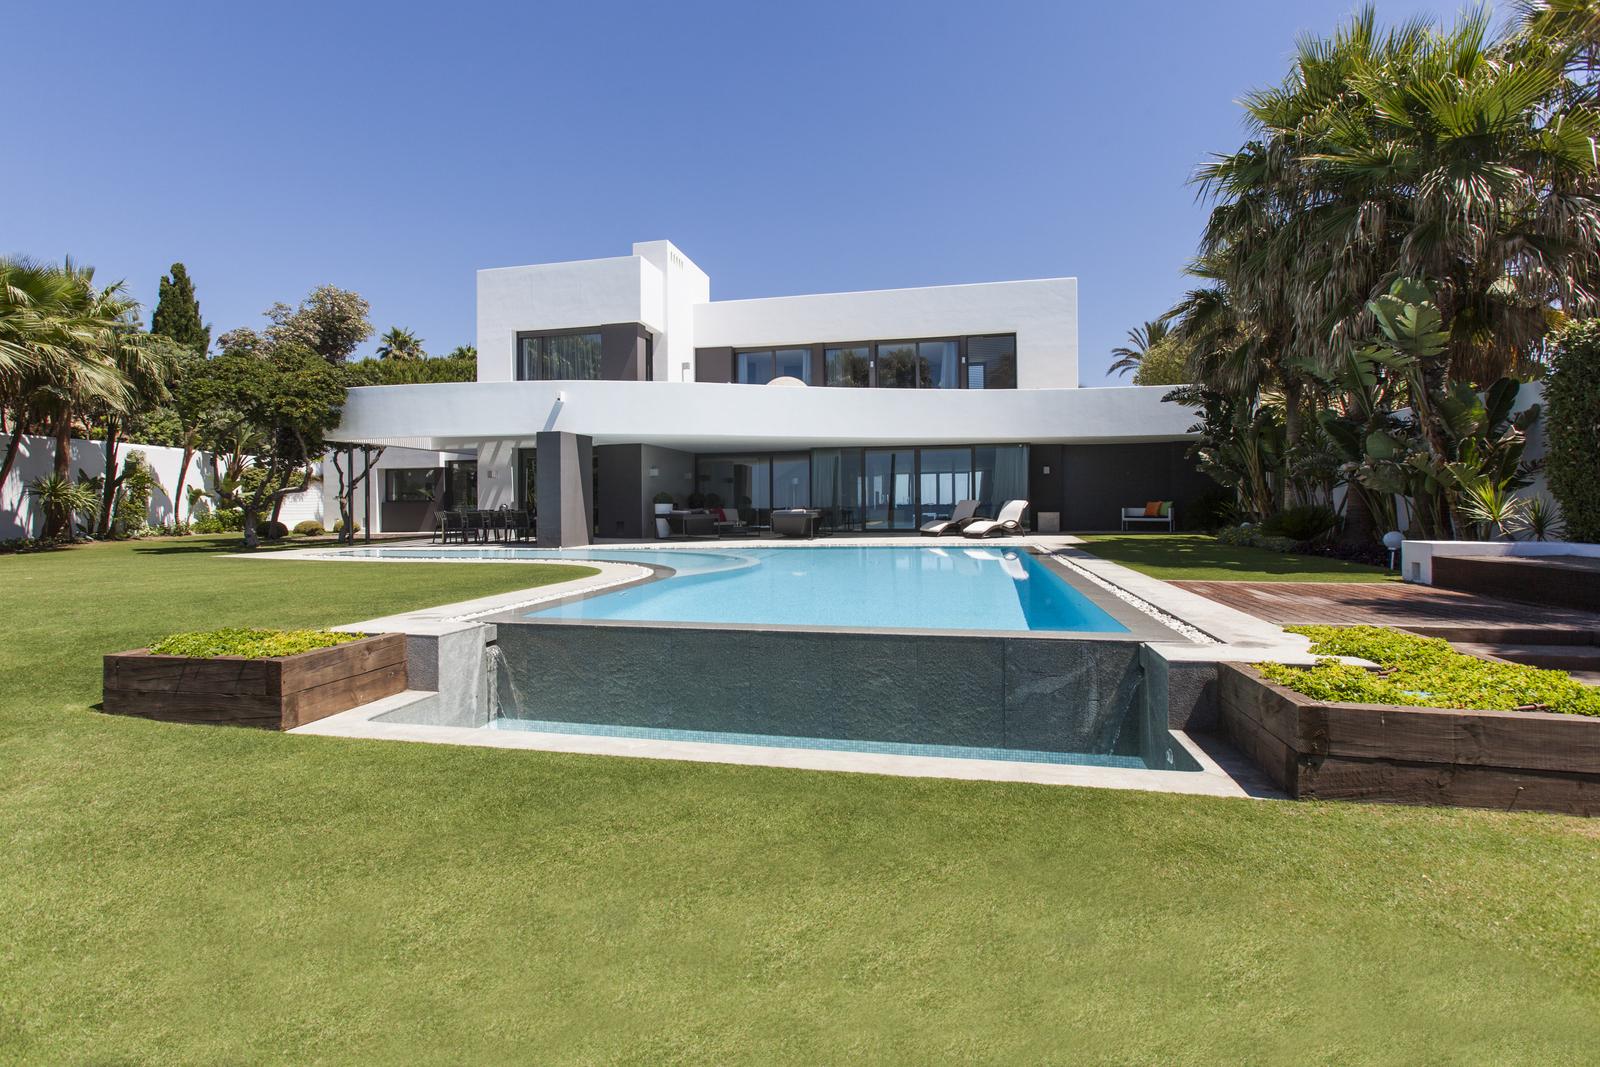 Alquiler de propiedades de alta gama en Marbella